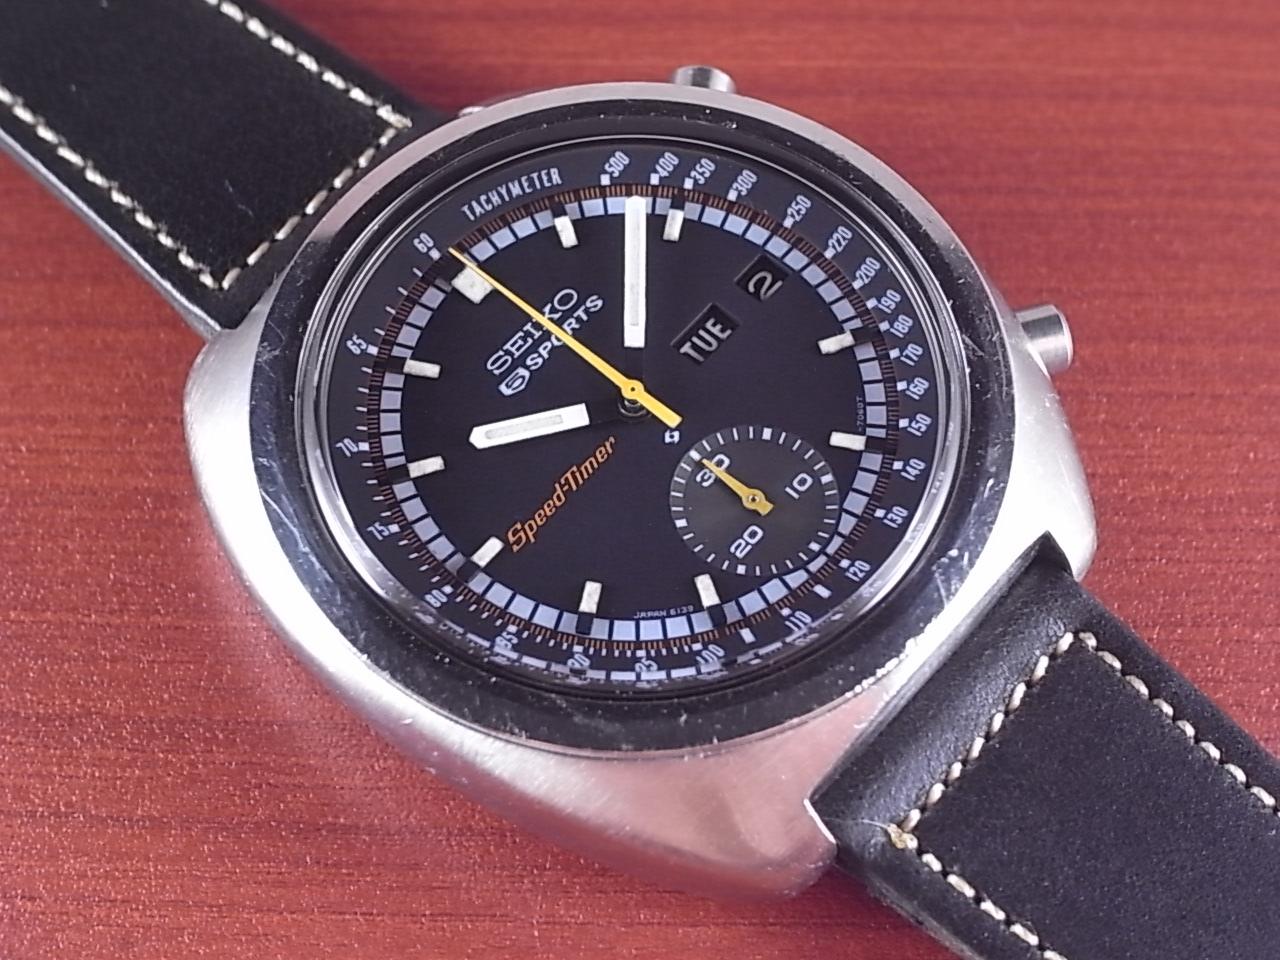 セイコー 航空自衛隊 5SPORTS スピードタイマー 1970年代のメイン写真